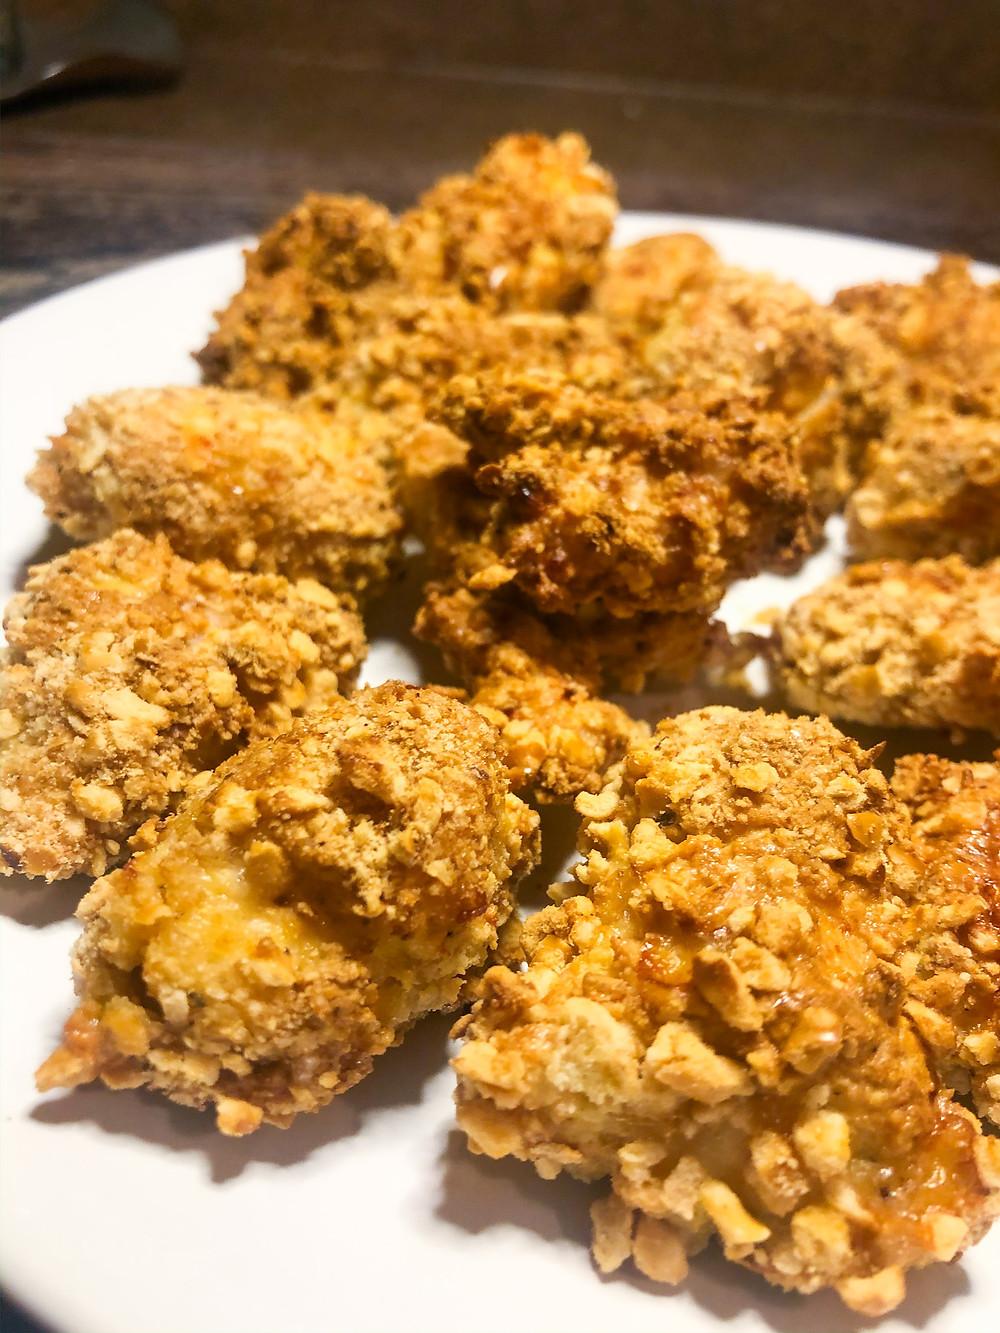 grain free glutenfree dairyfree chicken nuggest nuggets air fryer oil free healthy